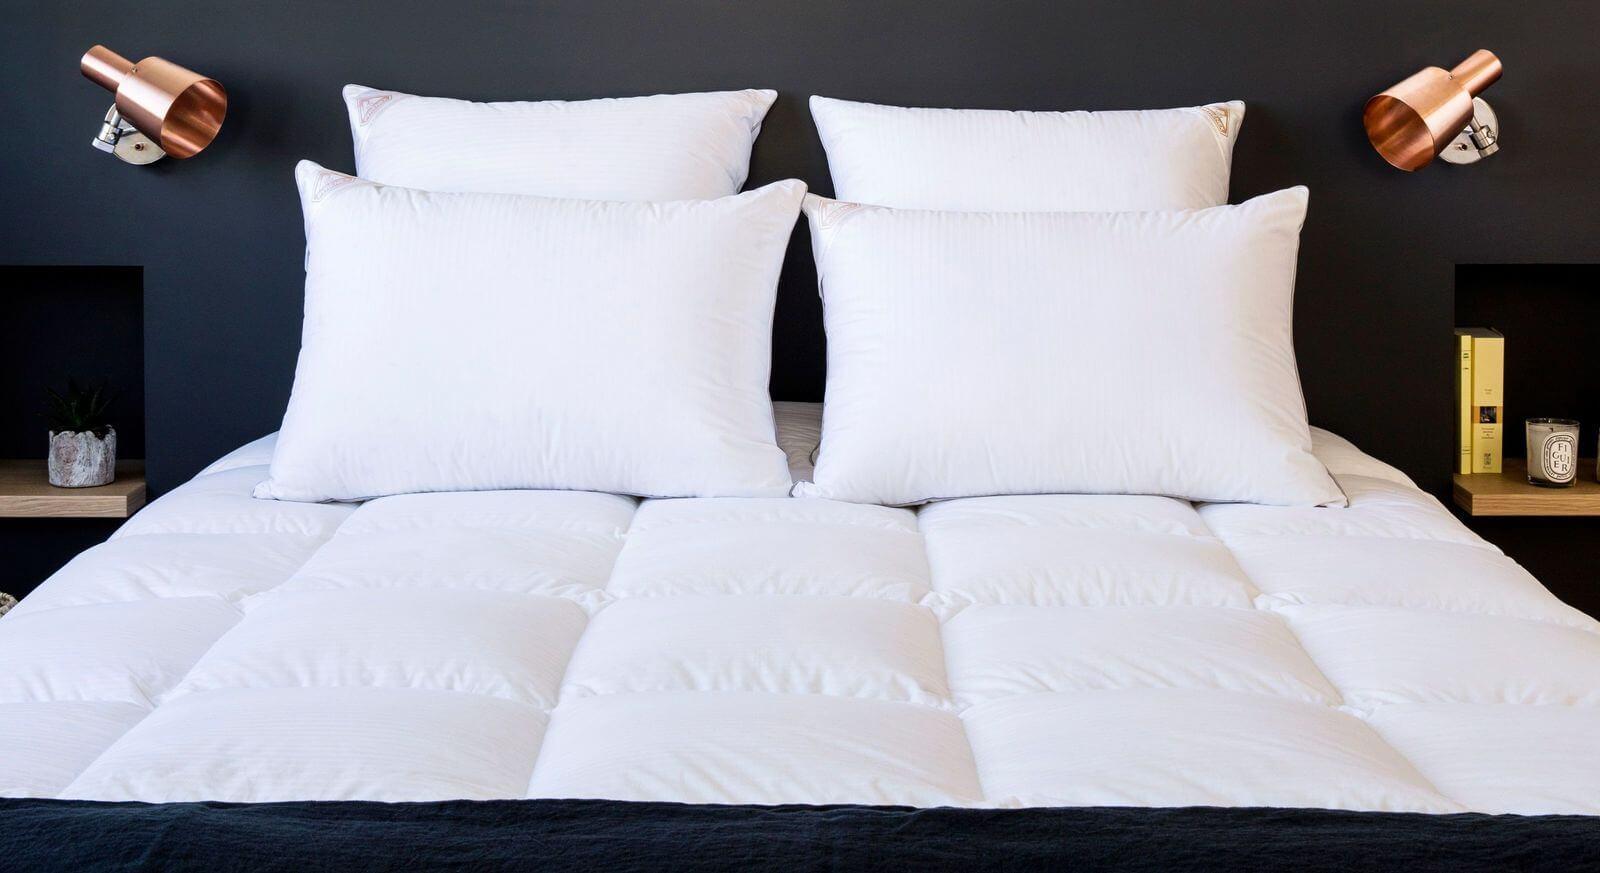 welche f llmaterialien werden zur fertigung von bettwaren verwendet. Black Bedroom Furniture Sets. Home Design Ideas